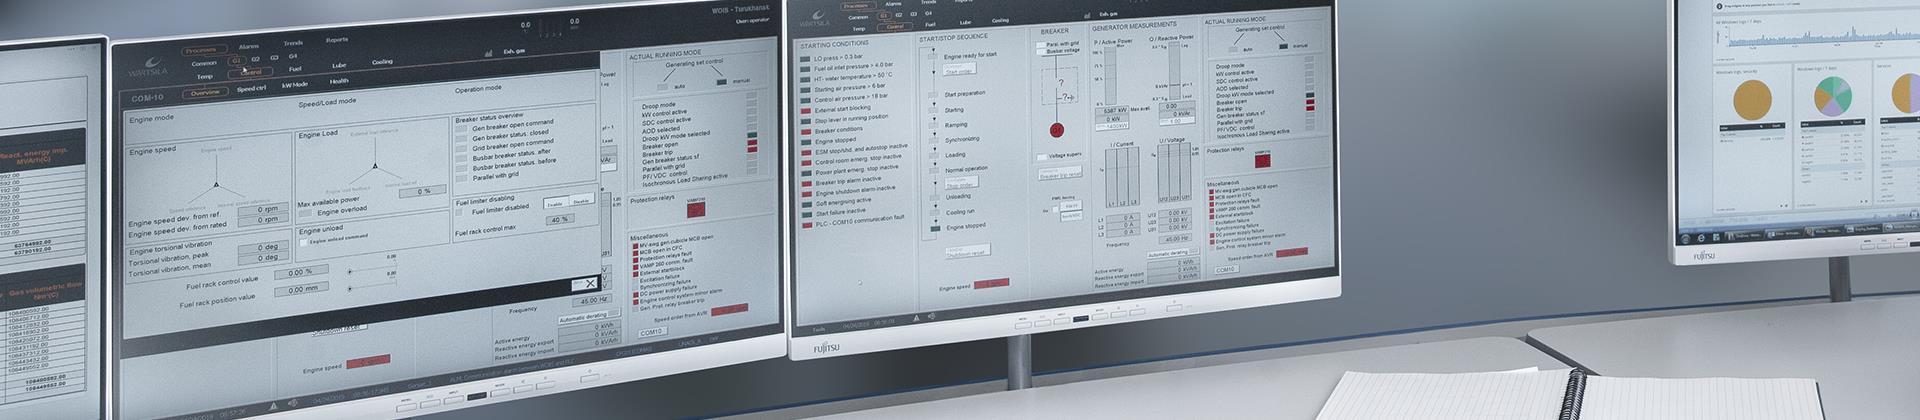 Wärtsilä Operator Interface System 4